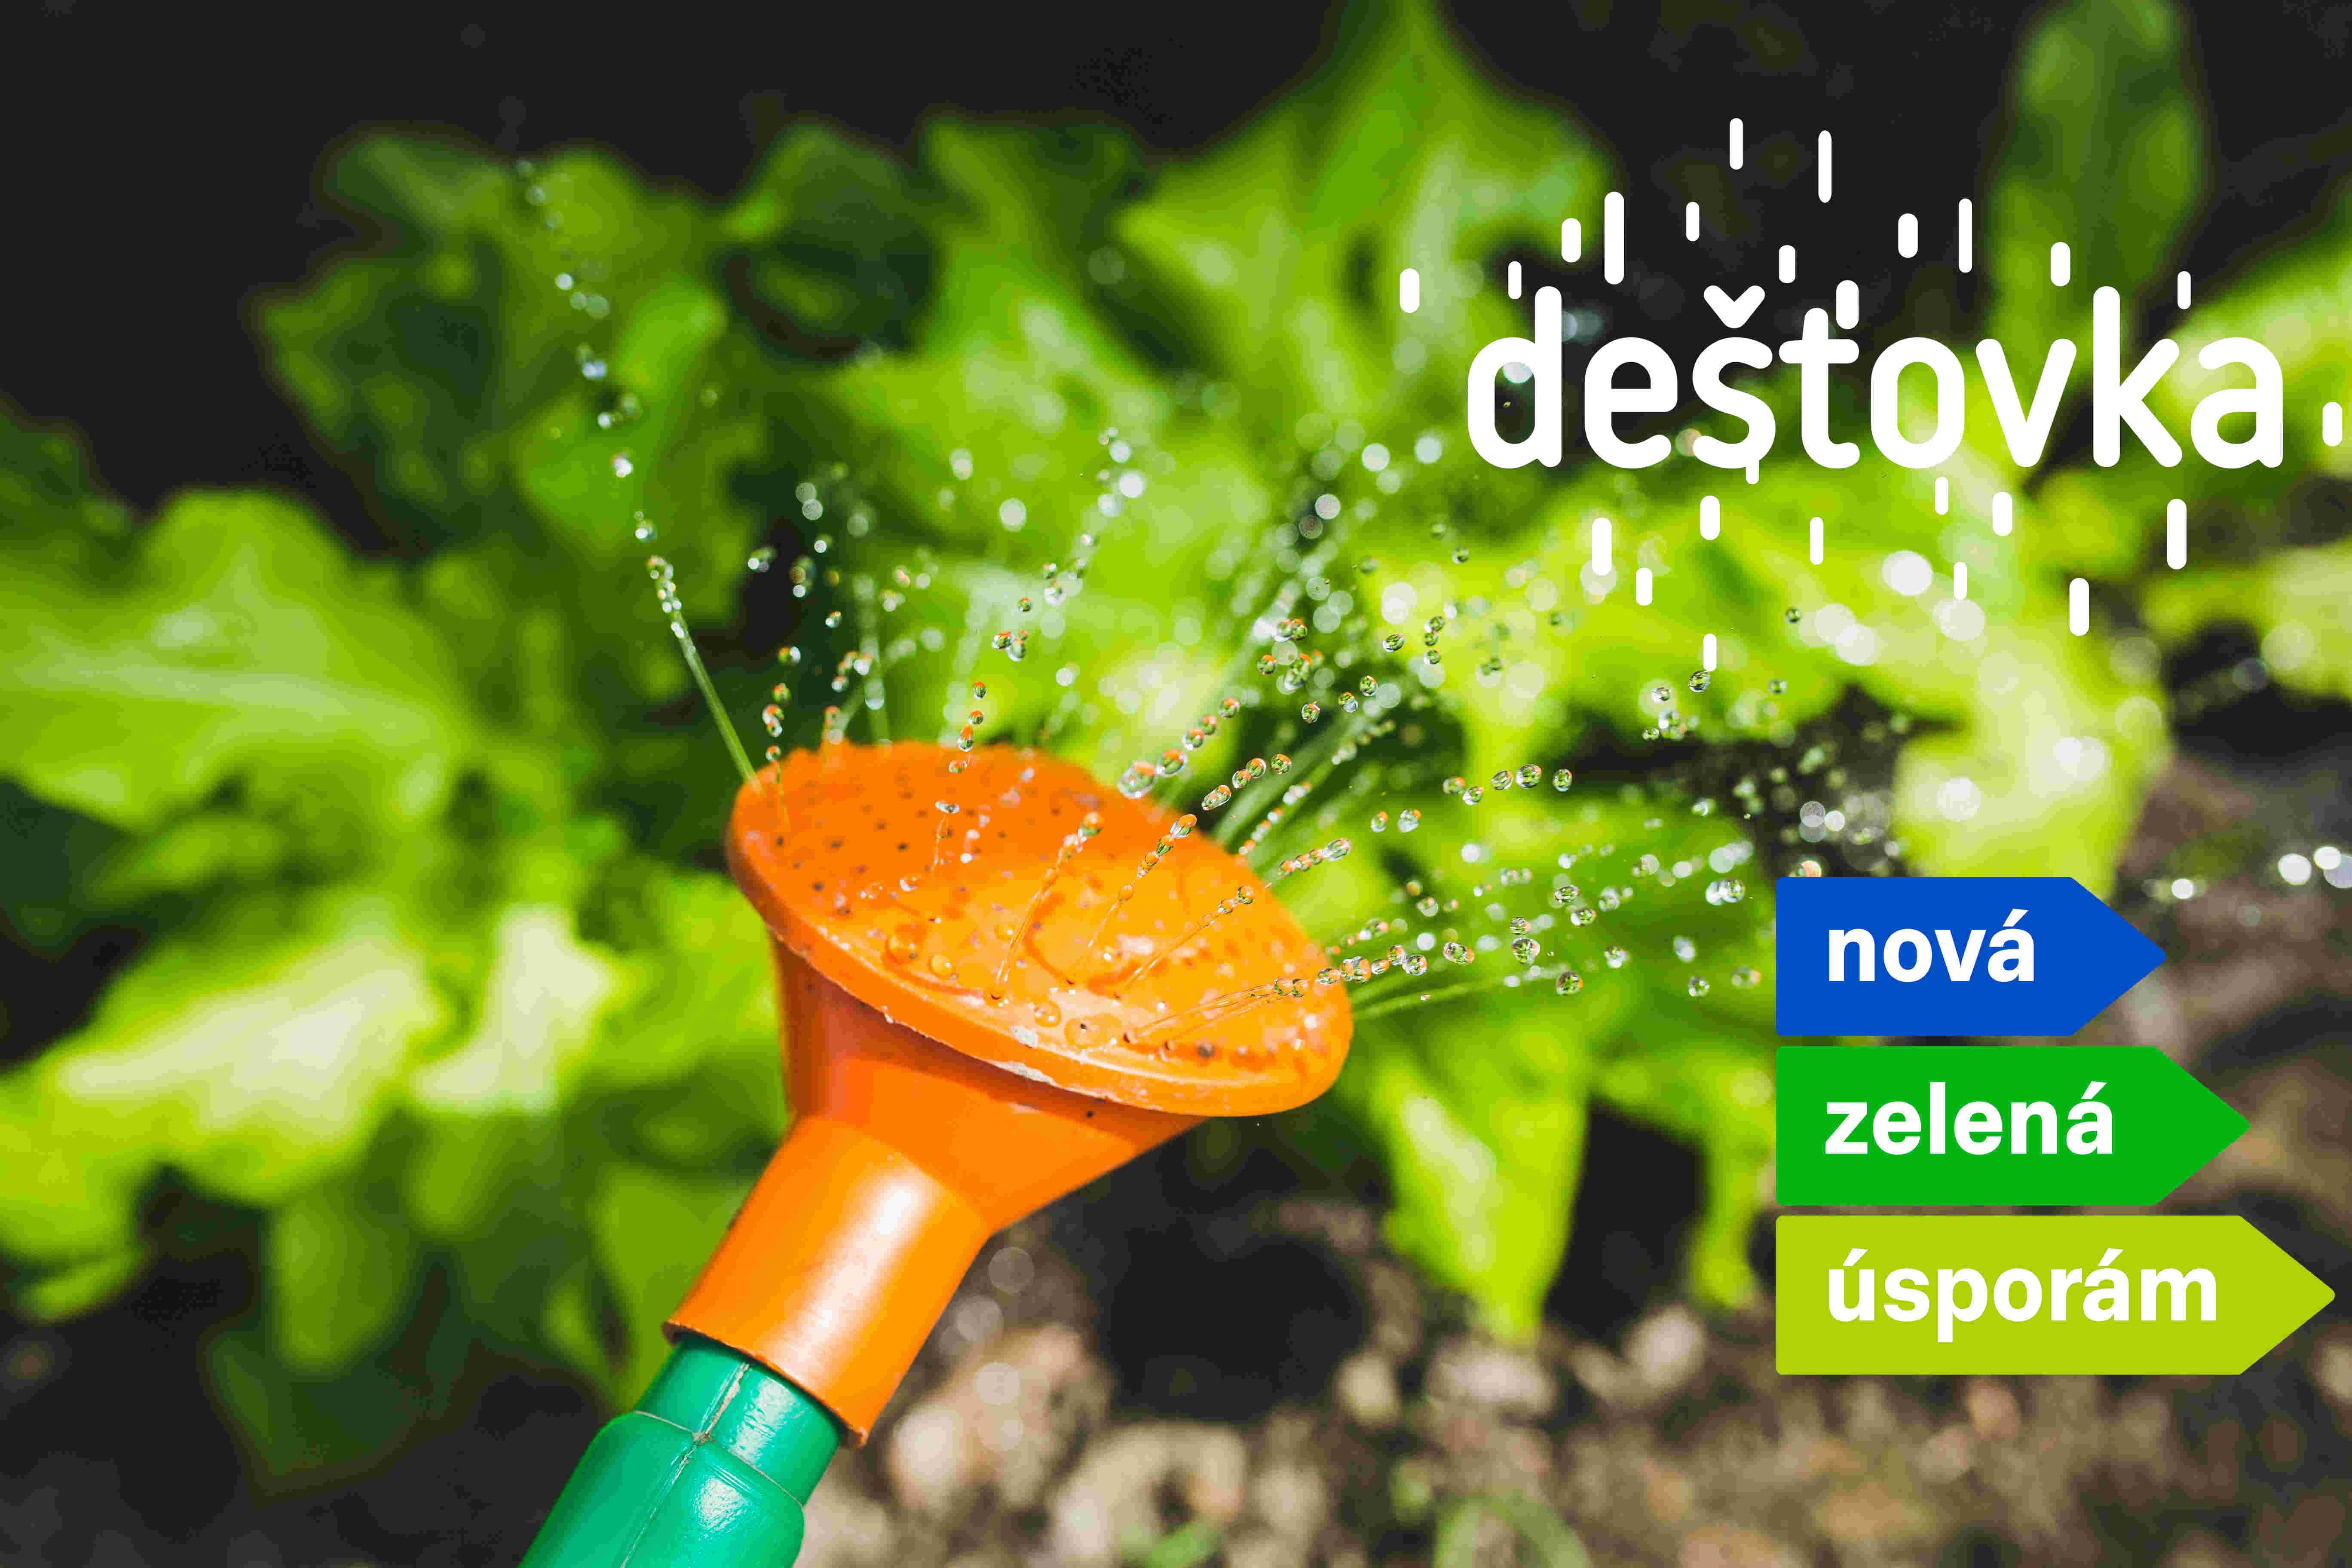 Dešťovka nove jako součást programu Nová zelená úsporám